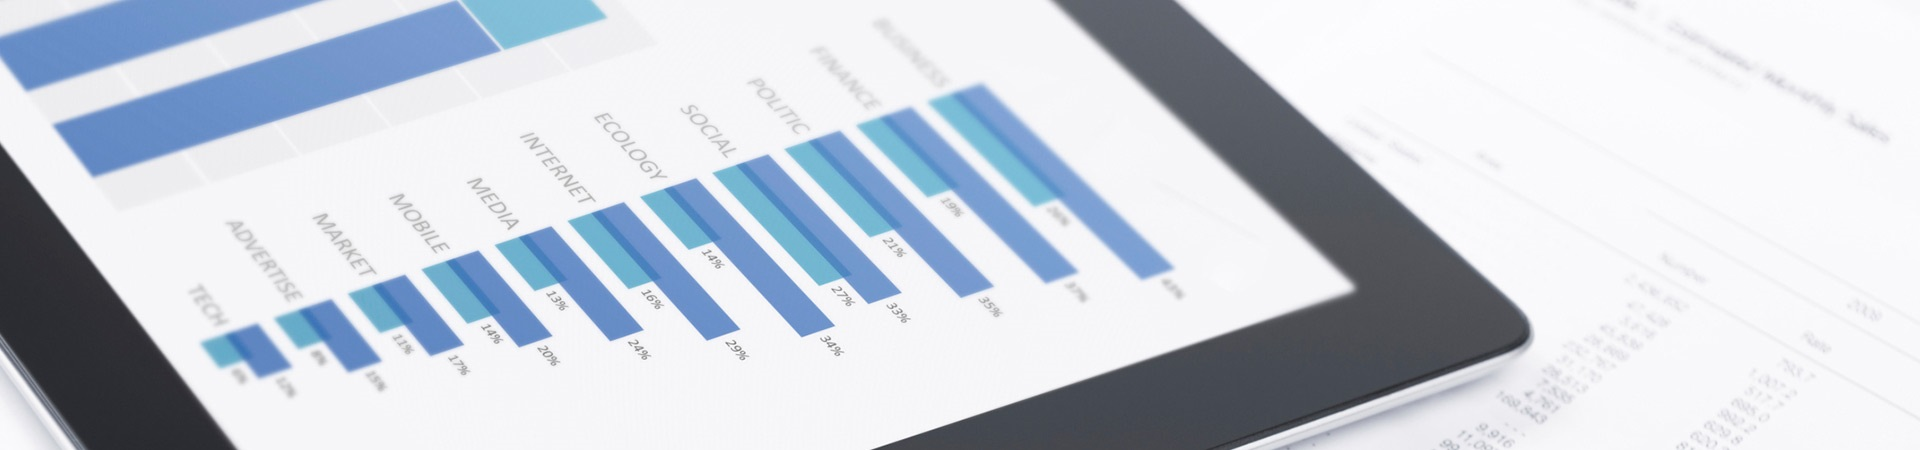 Banner de topo - Auditoria e Contabilidade digital